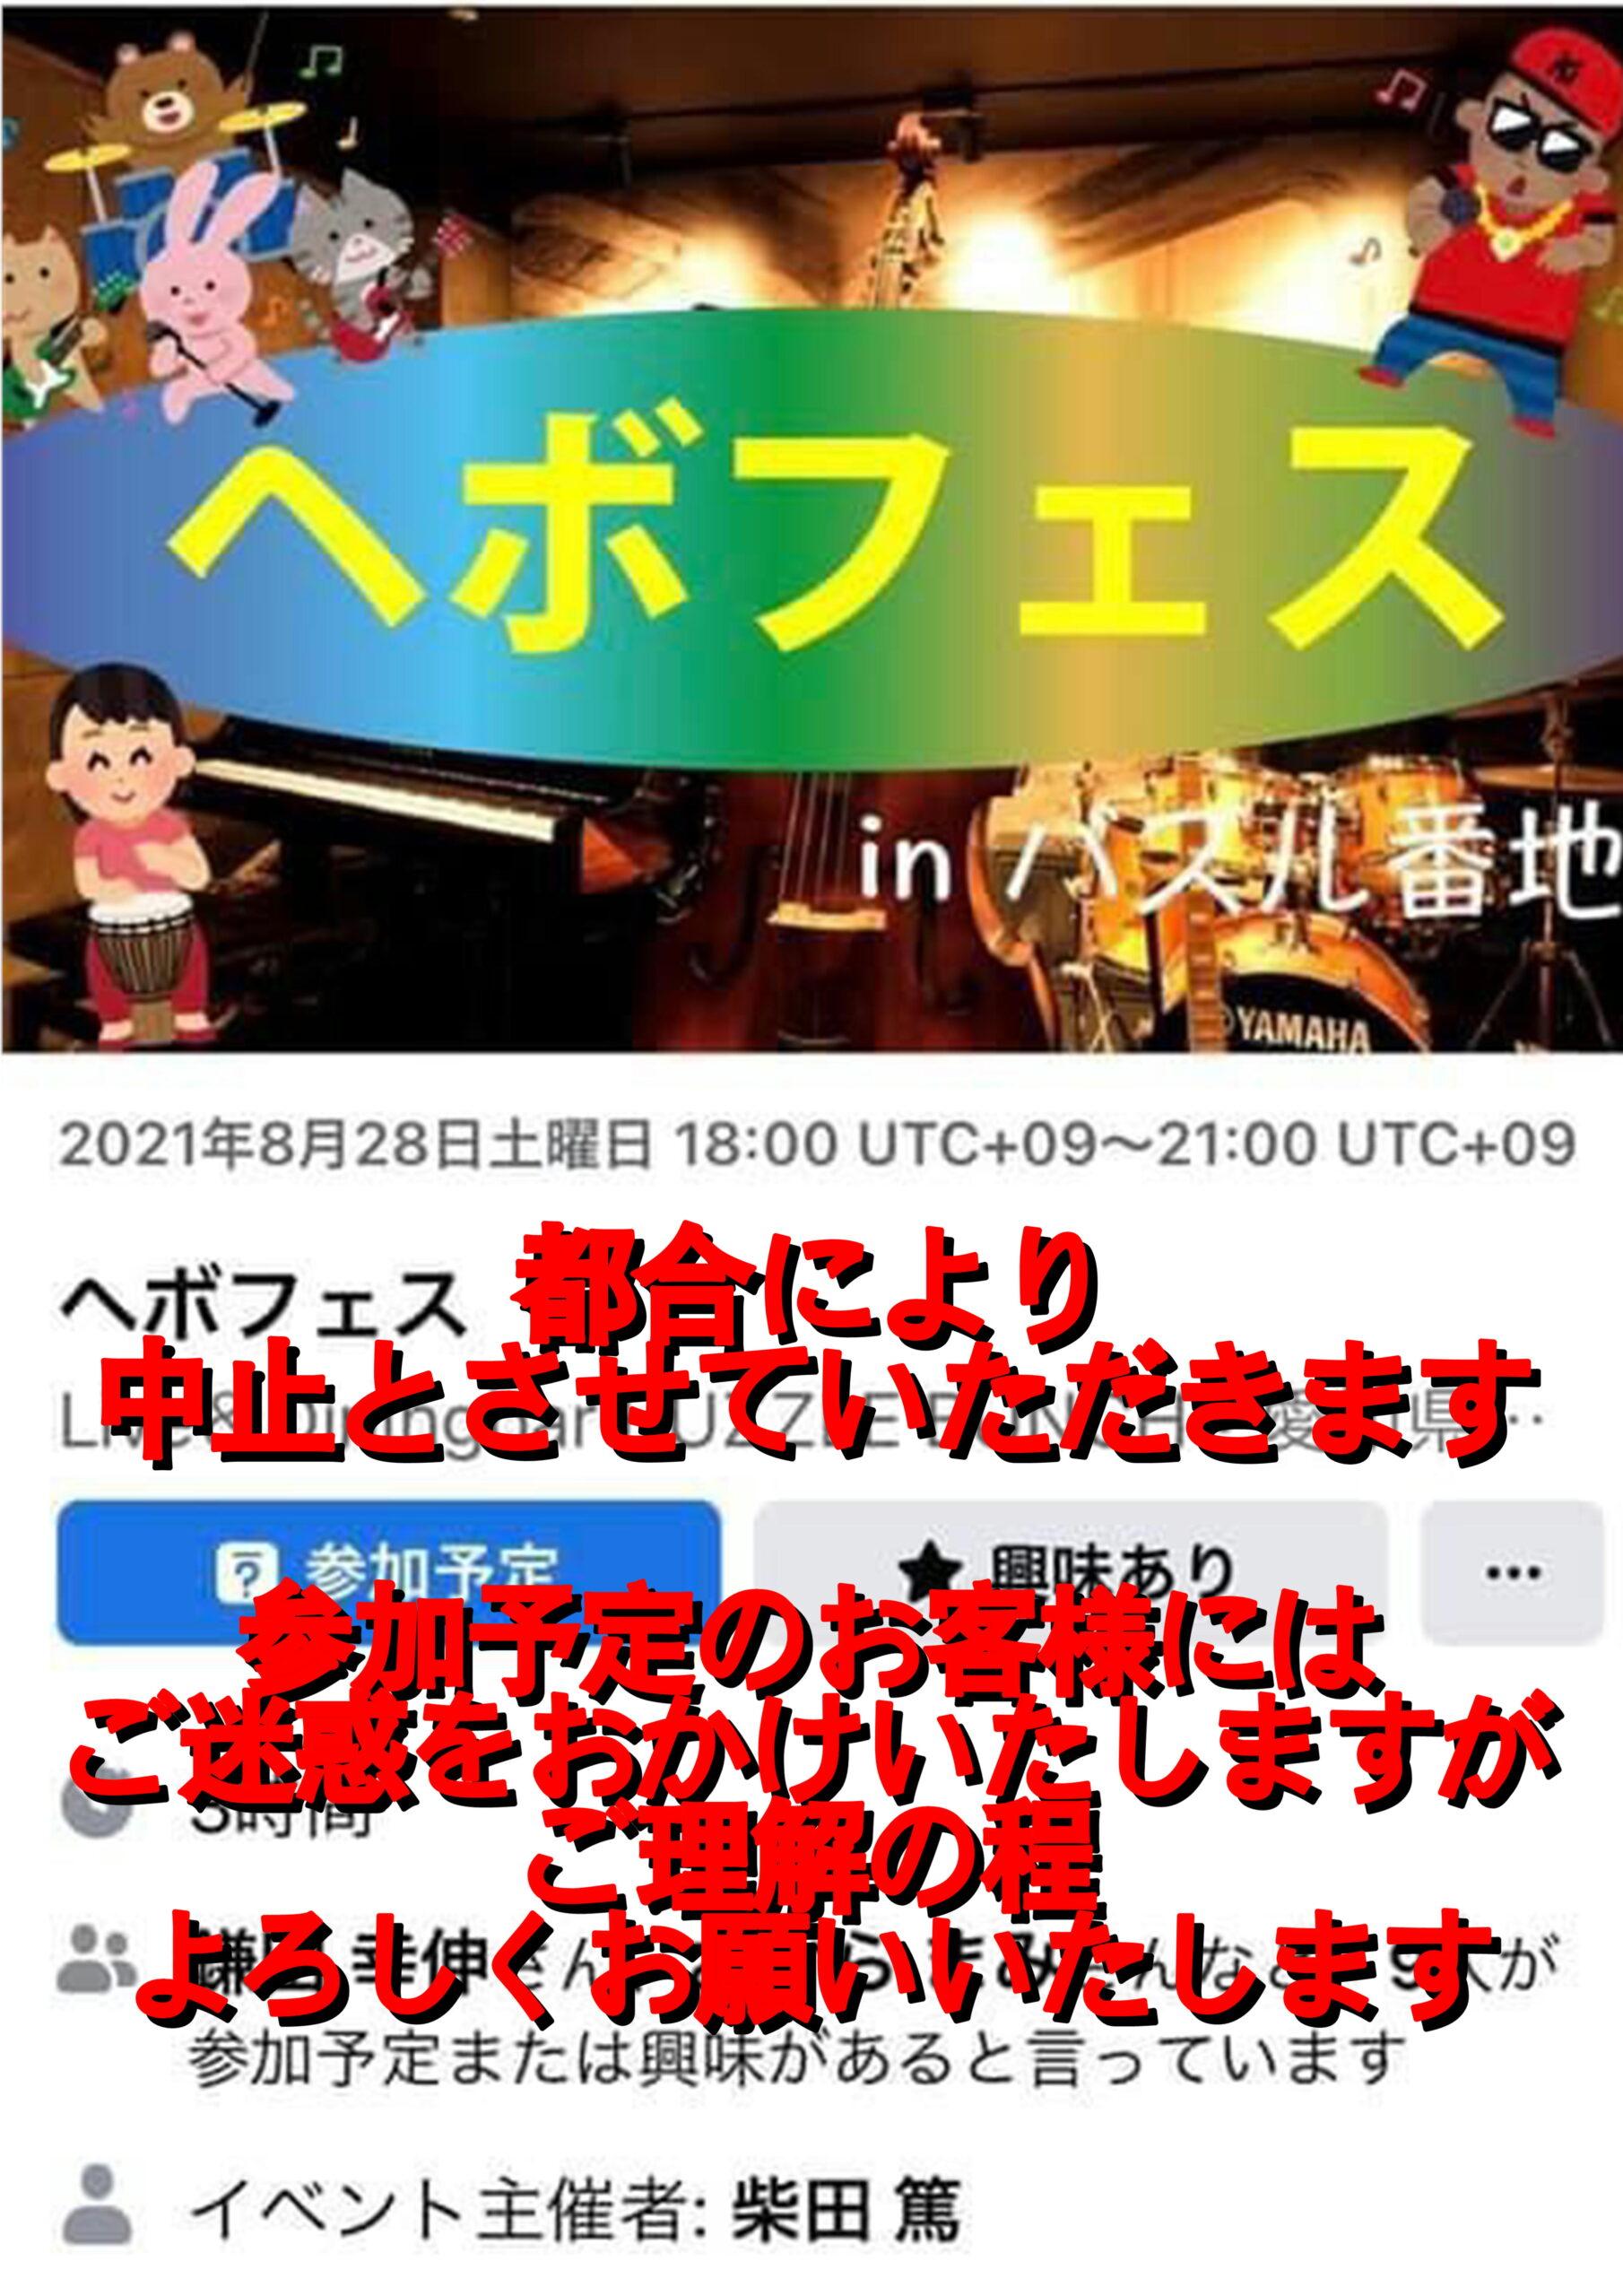 2021年8月28日(土) Trial Village Presents  ヘボフェスvol.3 中止のお知らせ